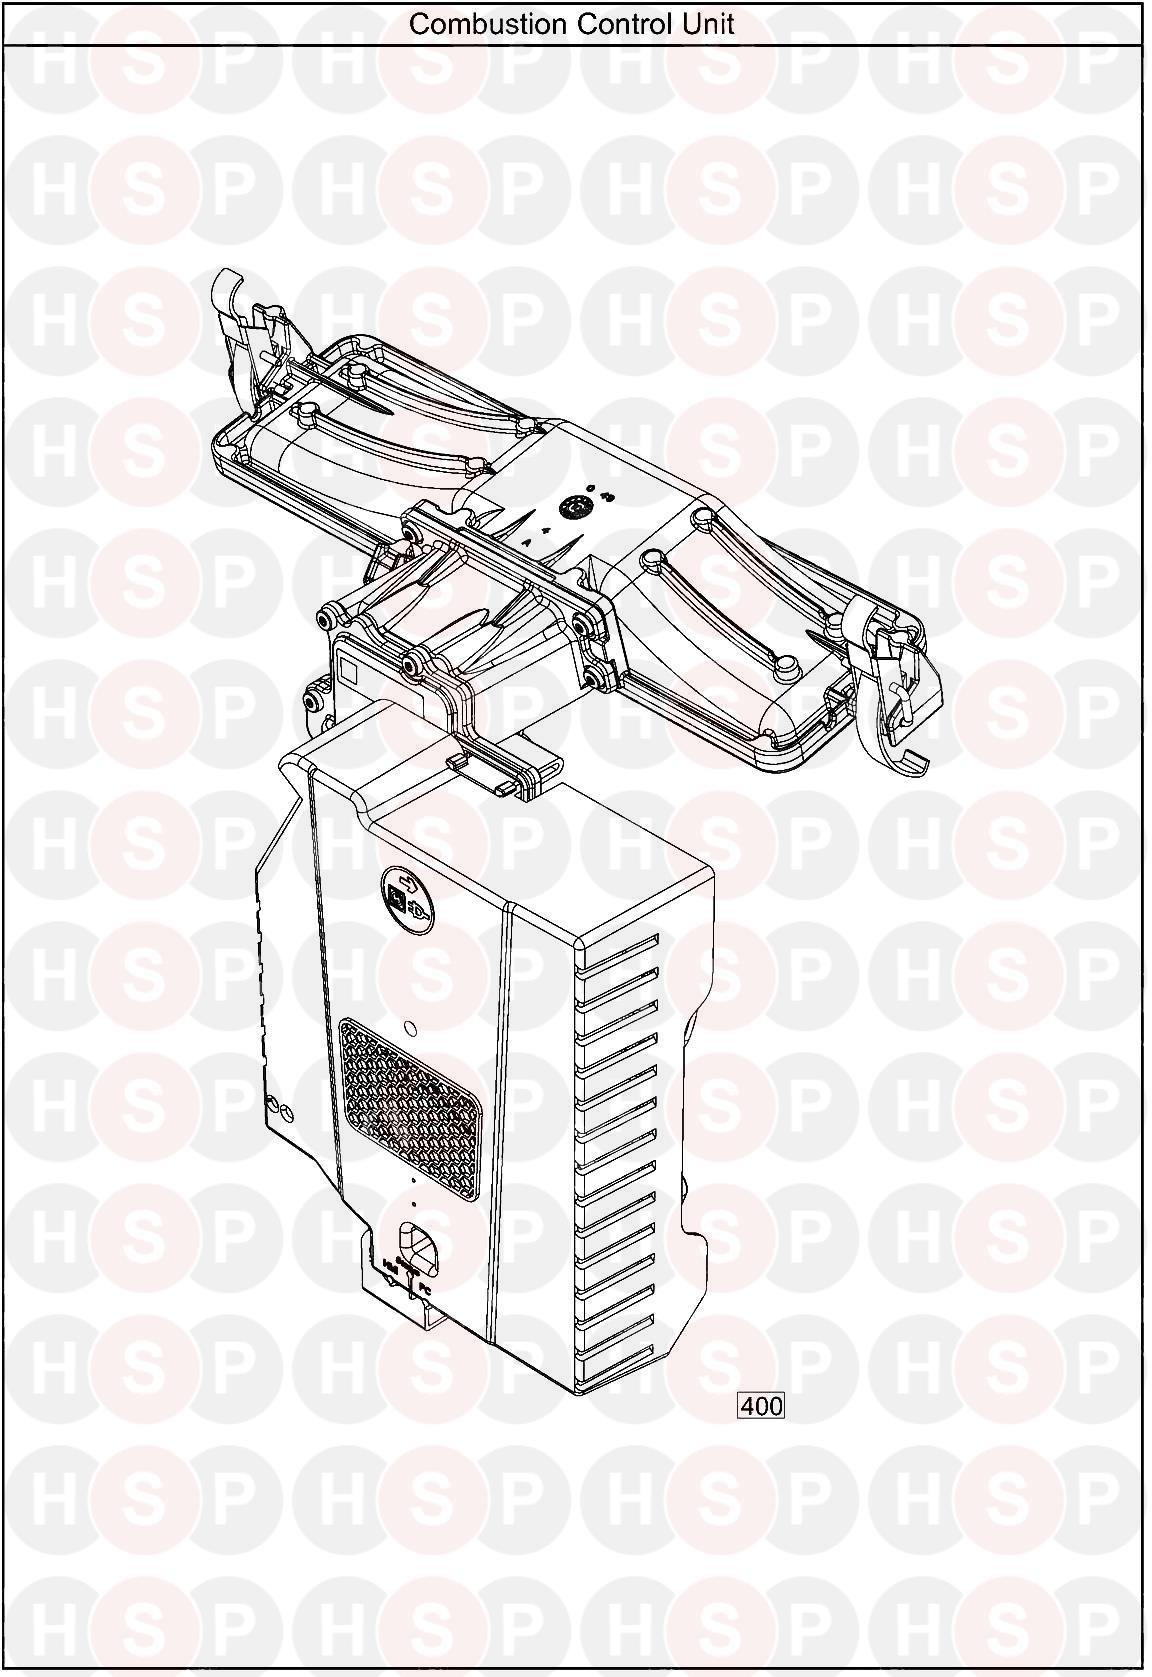 baxi ecoblue heat 21  combustion control unit  diagram